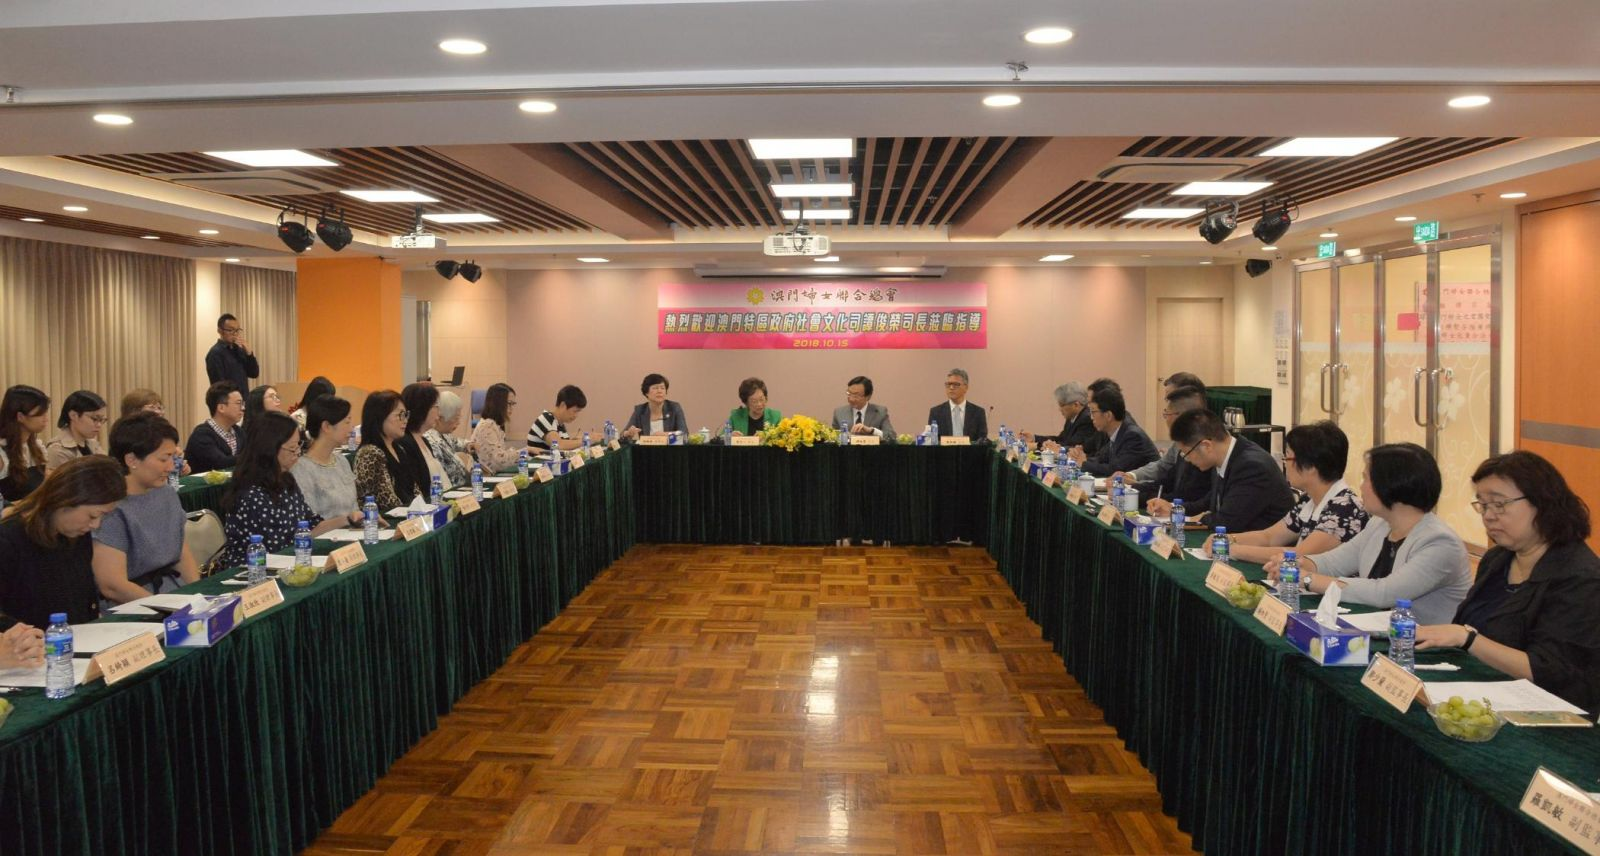 譚俊榮:將續聚焦民生工程